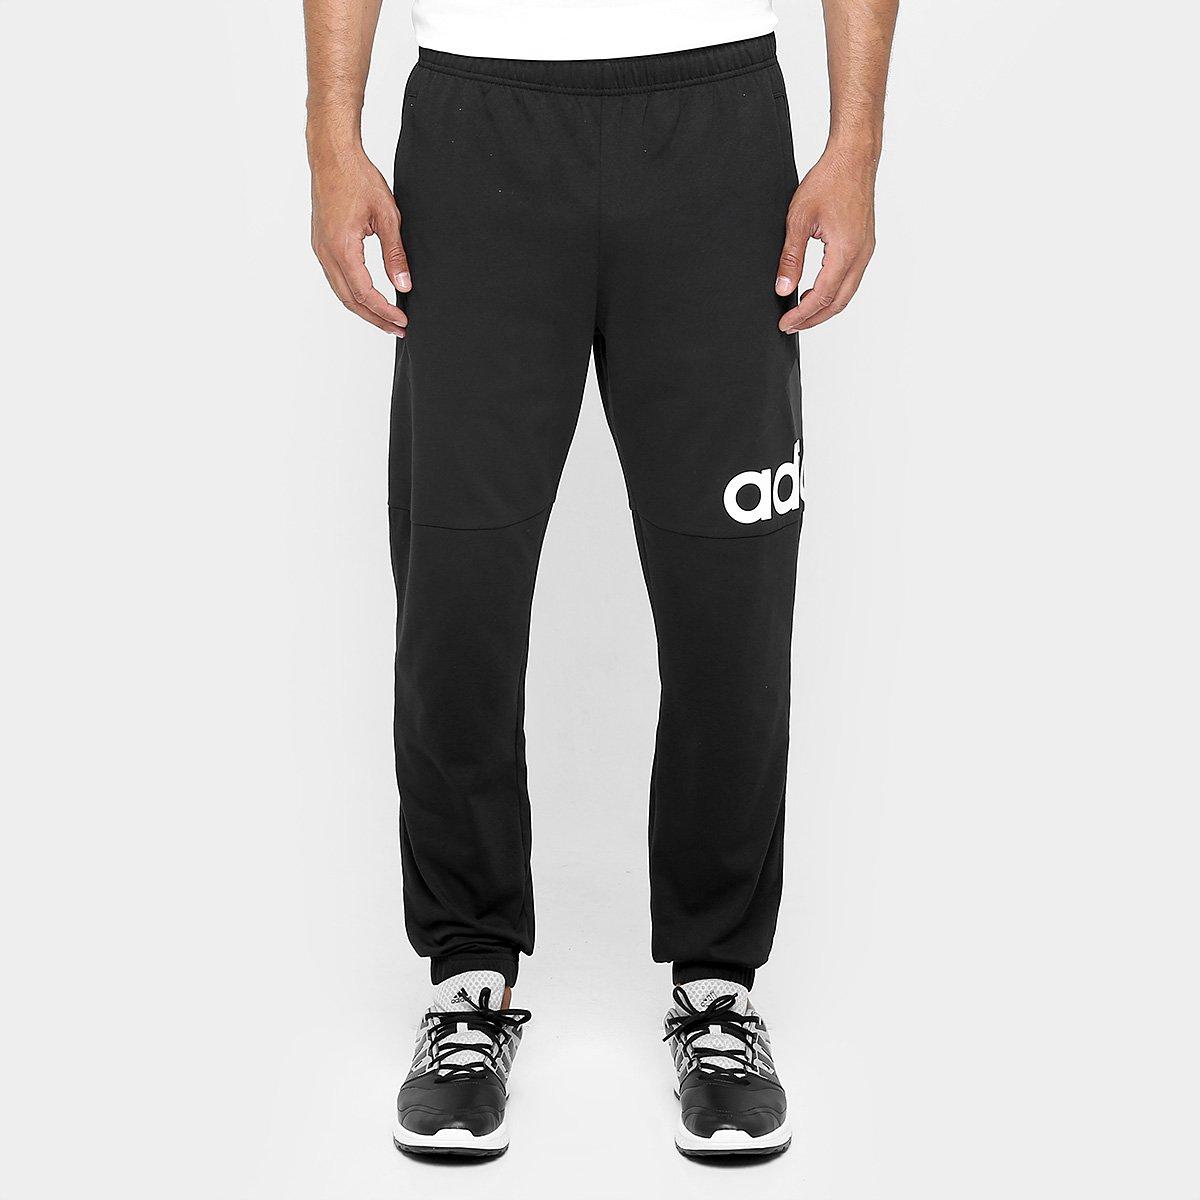 1195b895287d1 Calça Adidas Essentials Performance Logo Masculina - Preto e Branco - Compre  Agora